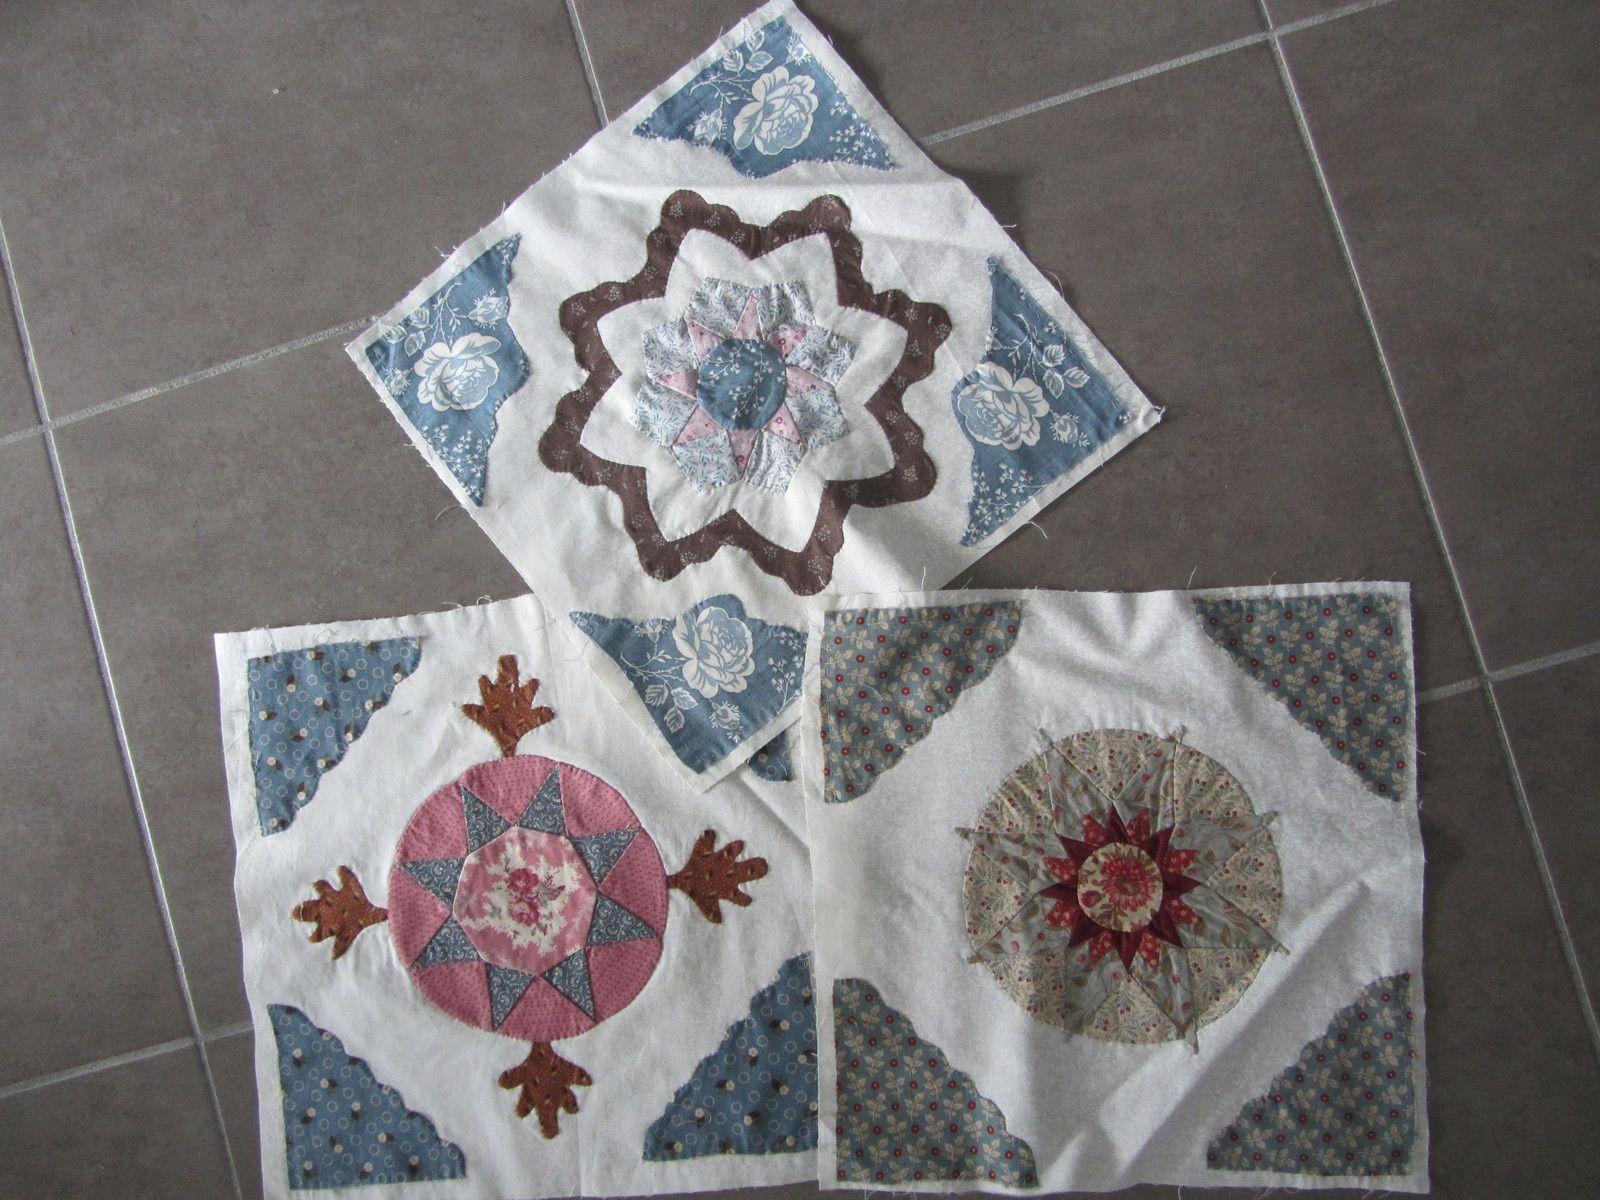 """J'ai appliqué des coins sur 4 blocs de mon """"Antique wedding"""", ils sont destinés aux angles du patchwork."""